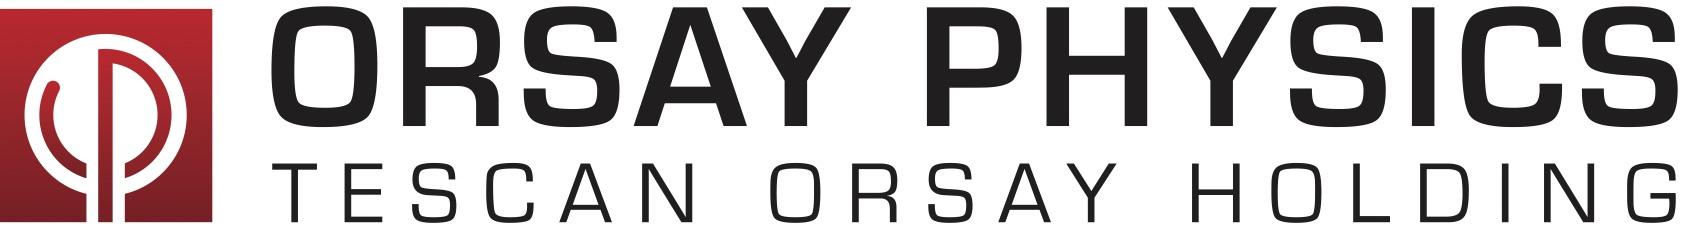 Orsay Physics